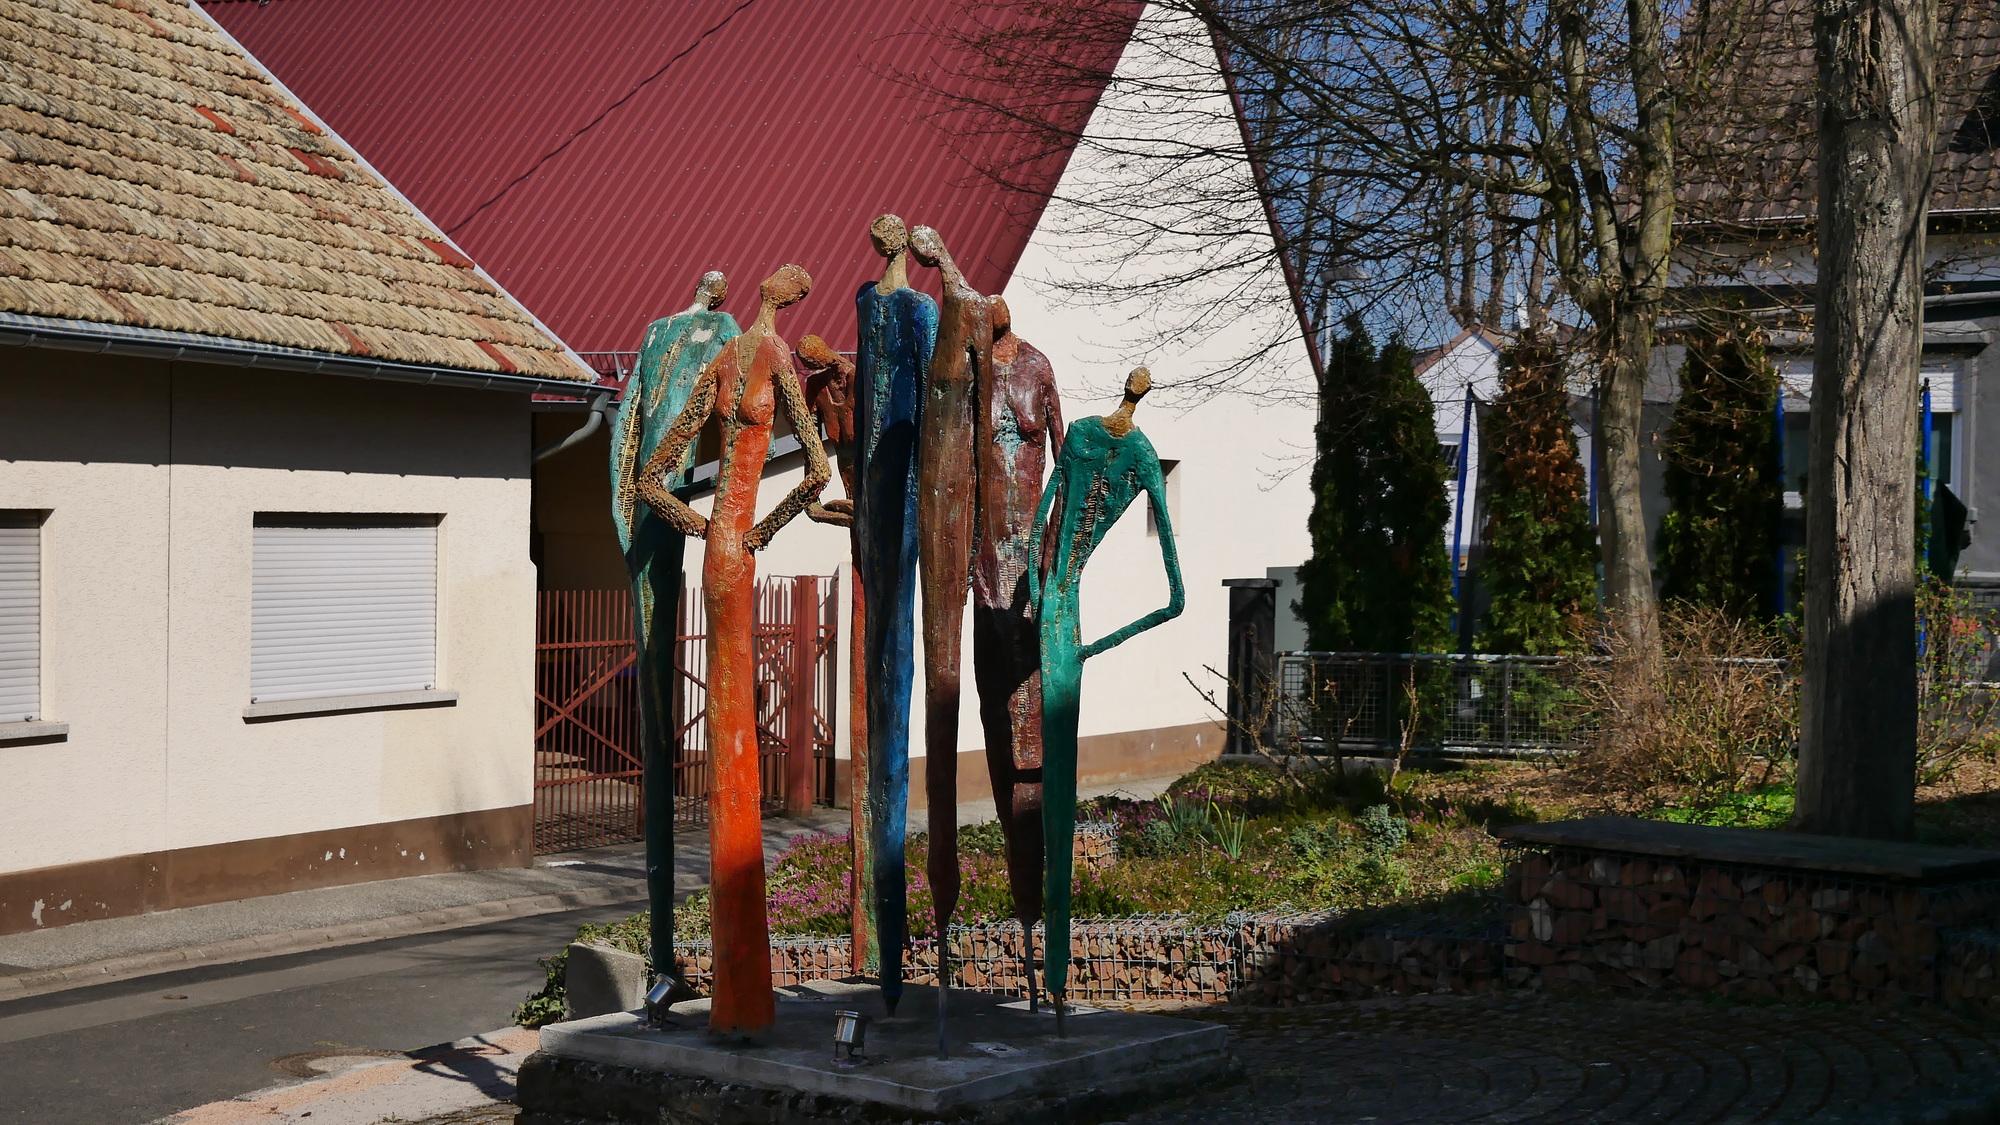 Skulpturen in der Ortsmitte von Dorsheim